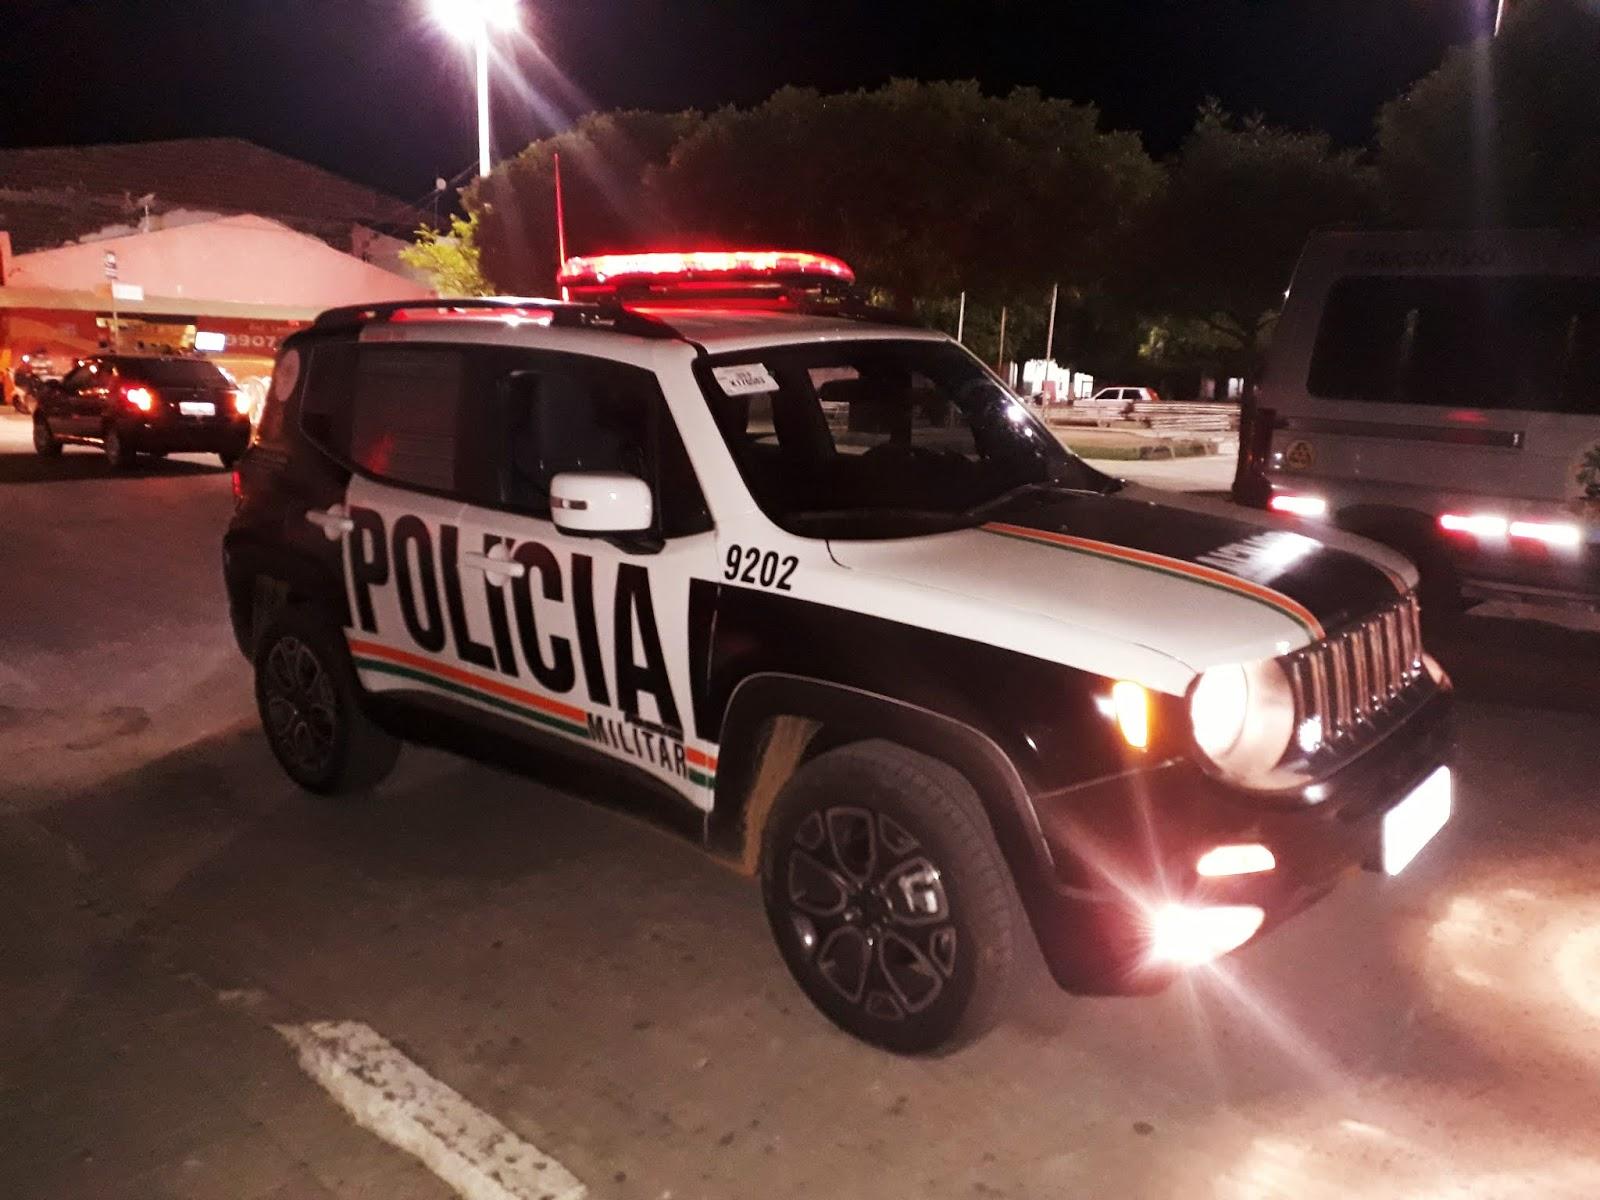 Adolescente suspeito de assaltos morre em Juazeiro do Norte em intervenção policial